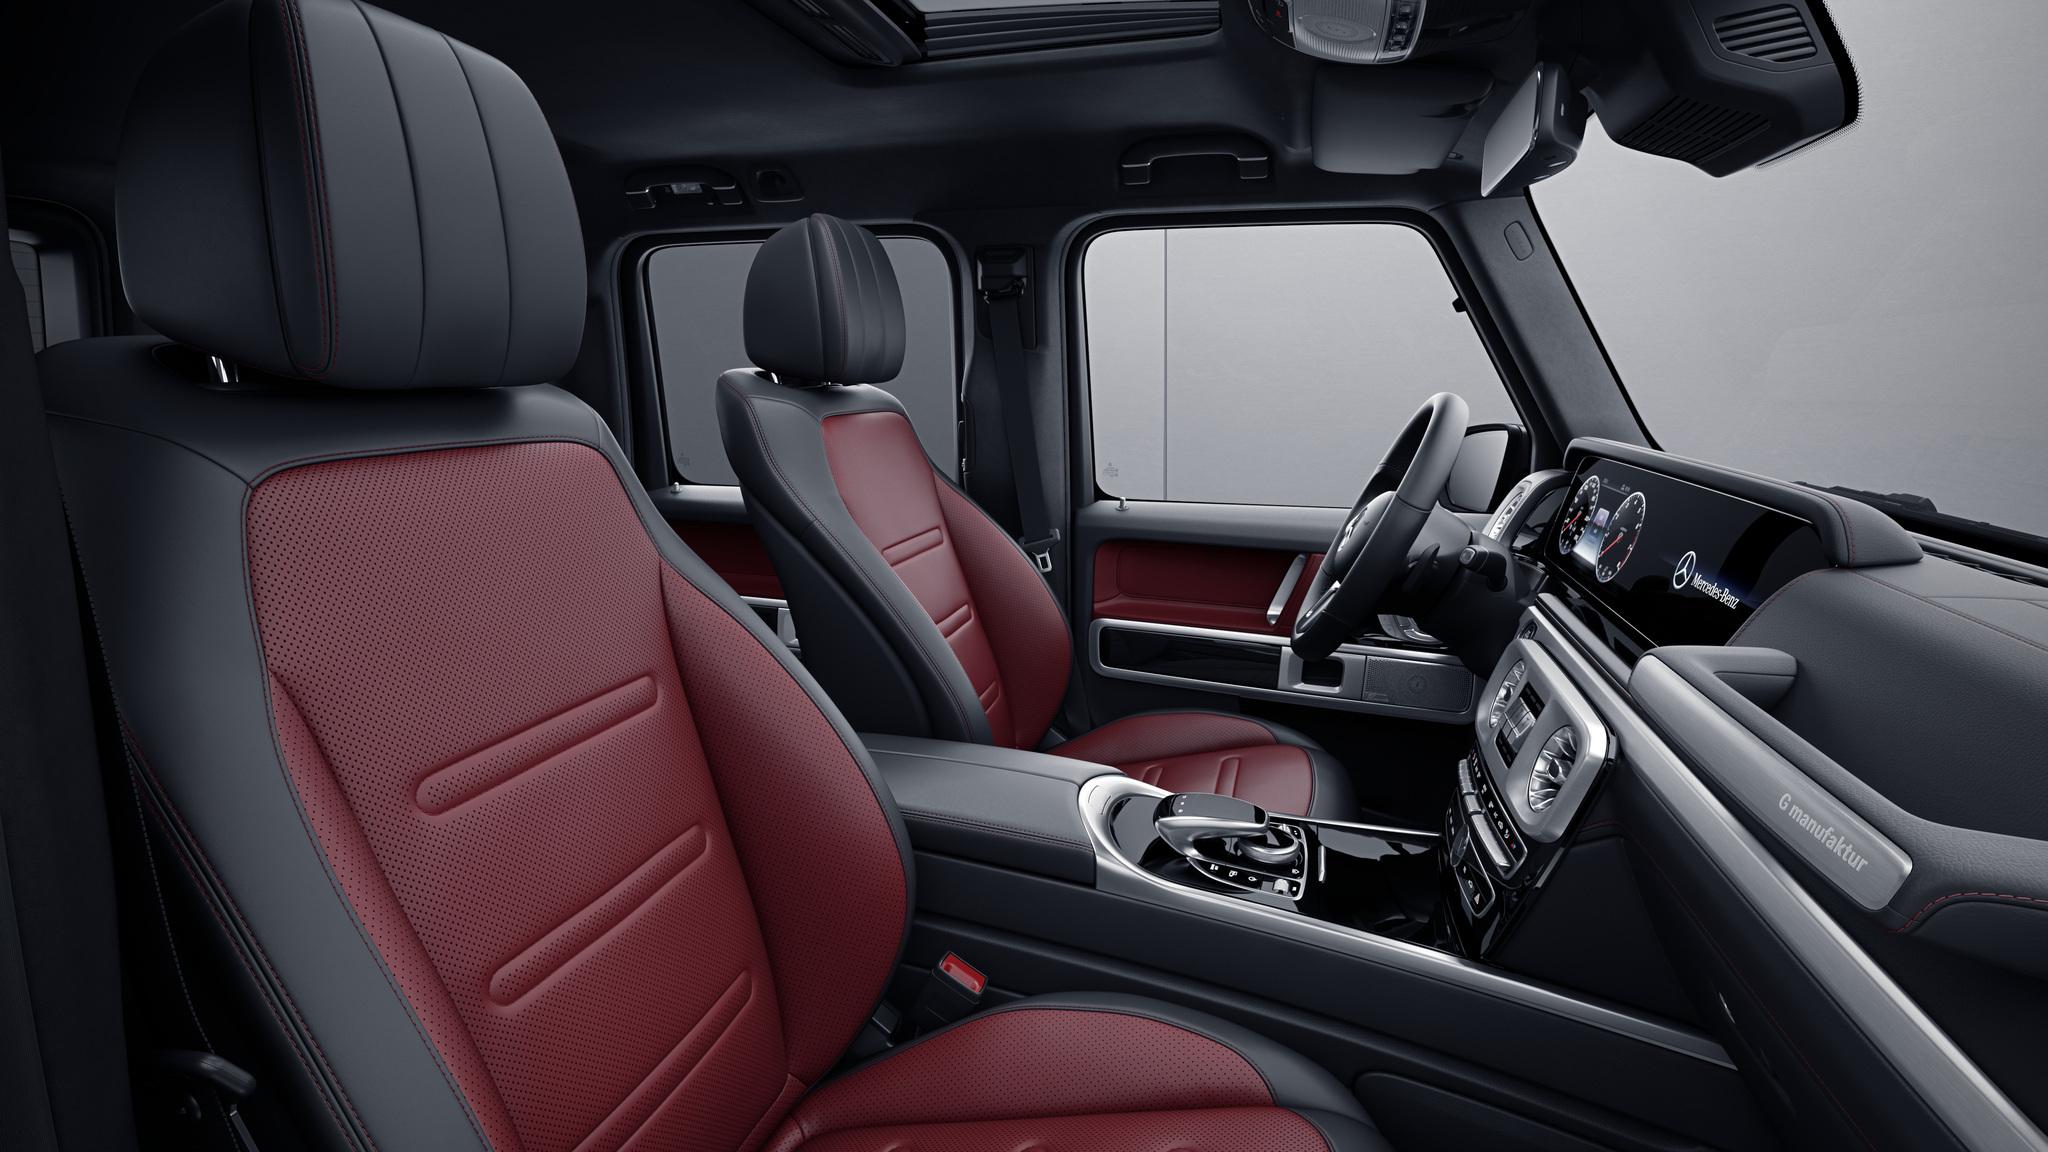 Habitacle de la Mercedes Classe G, Cuir Nappa bicolore G manufaktur - Rouge Bengale noir